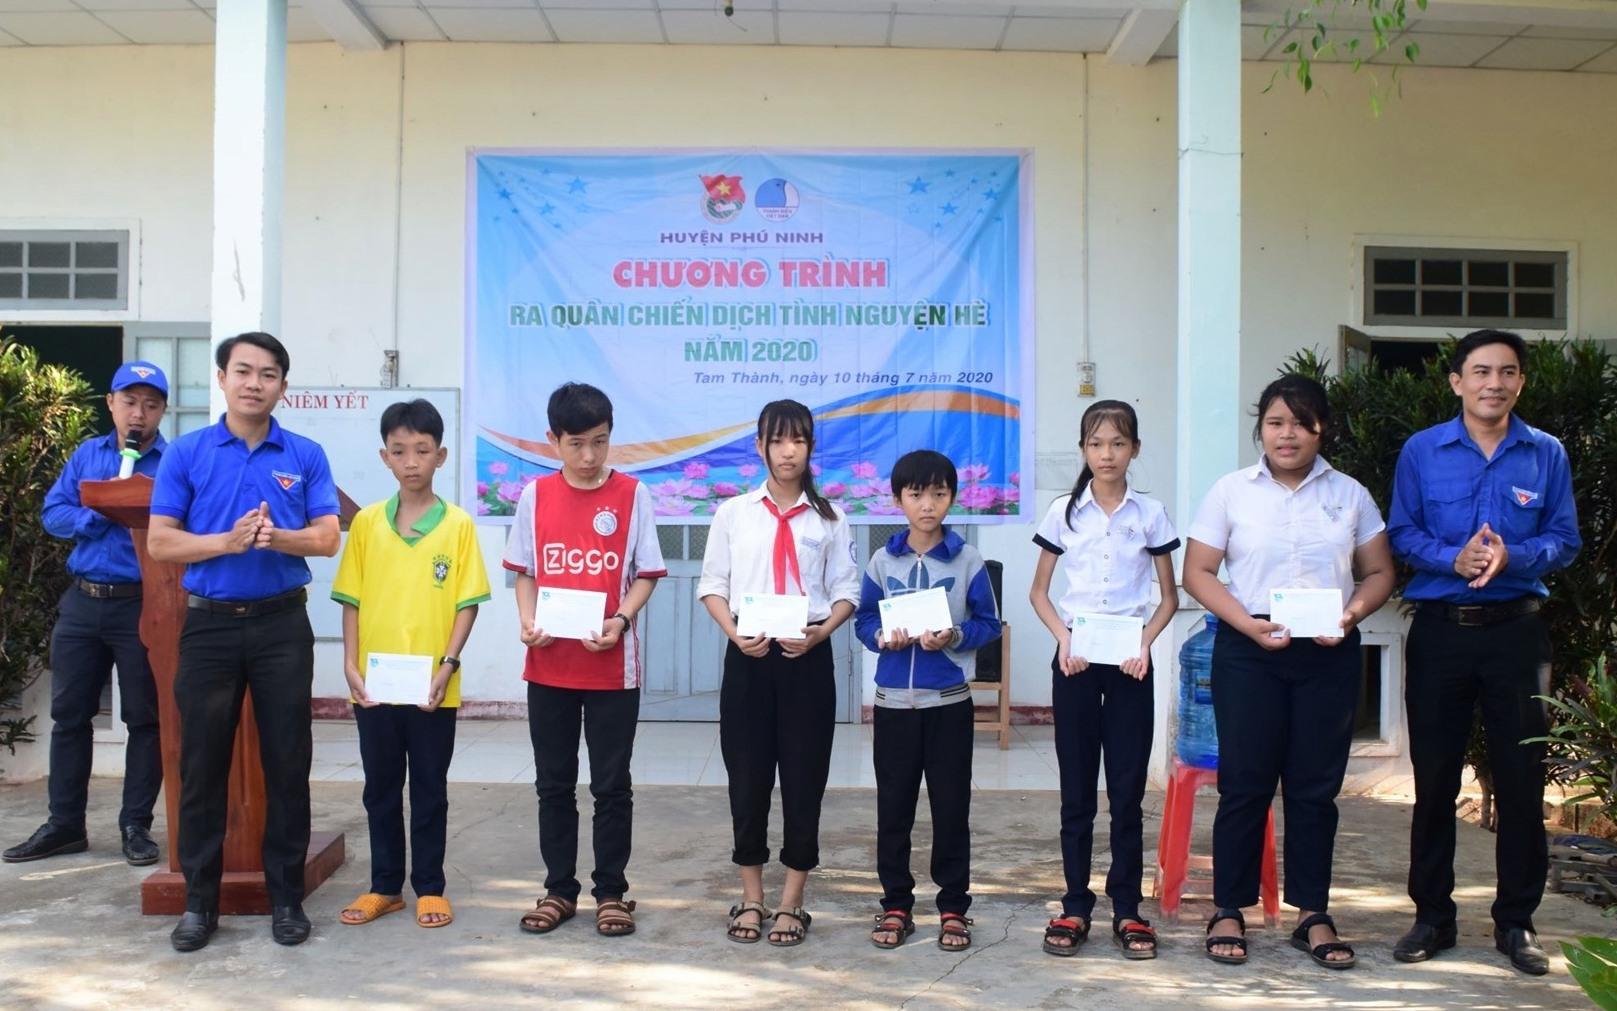 Tặng quà 8 học sinh khó khăn của xã Tam Thành. Ảnh: THÁI CƯỜNG